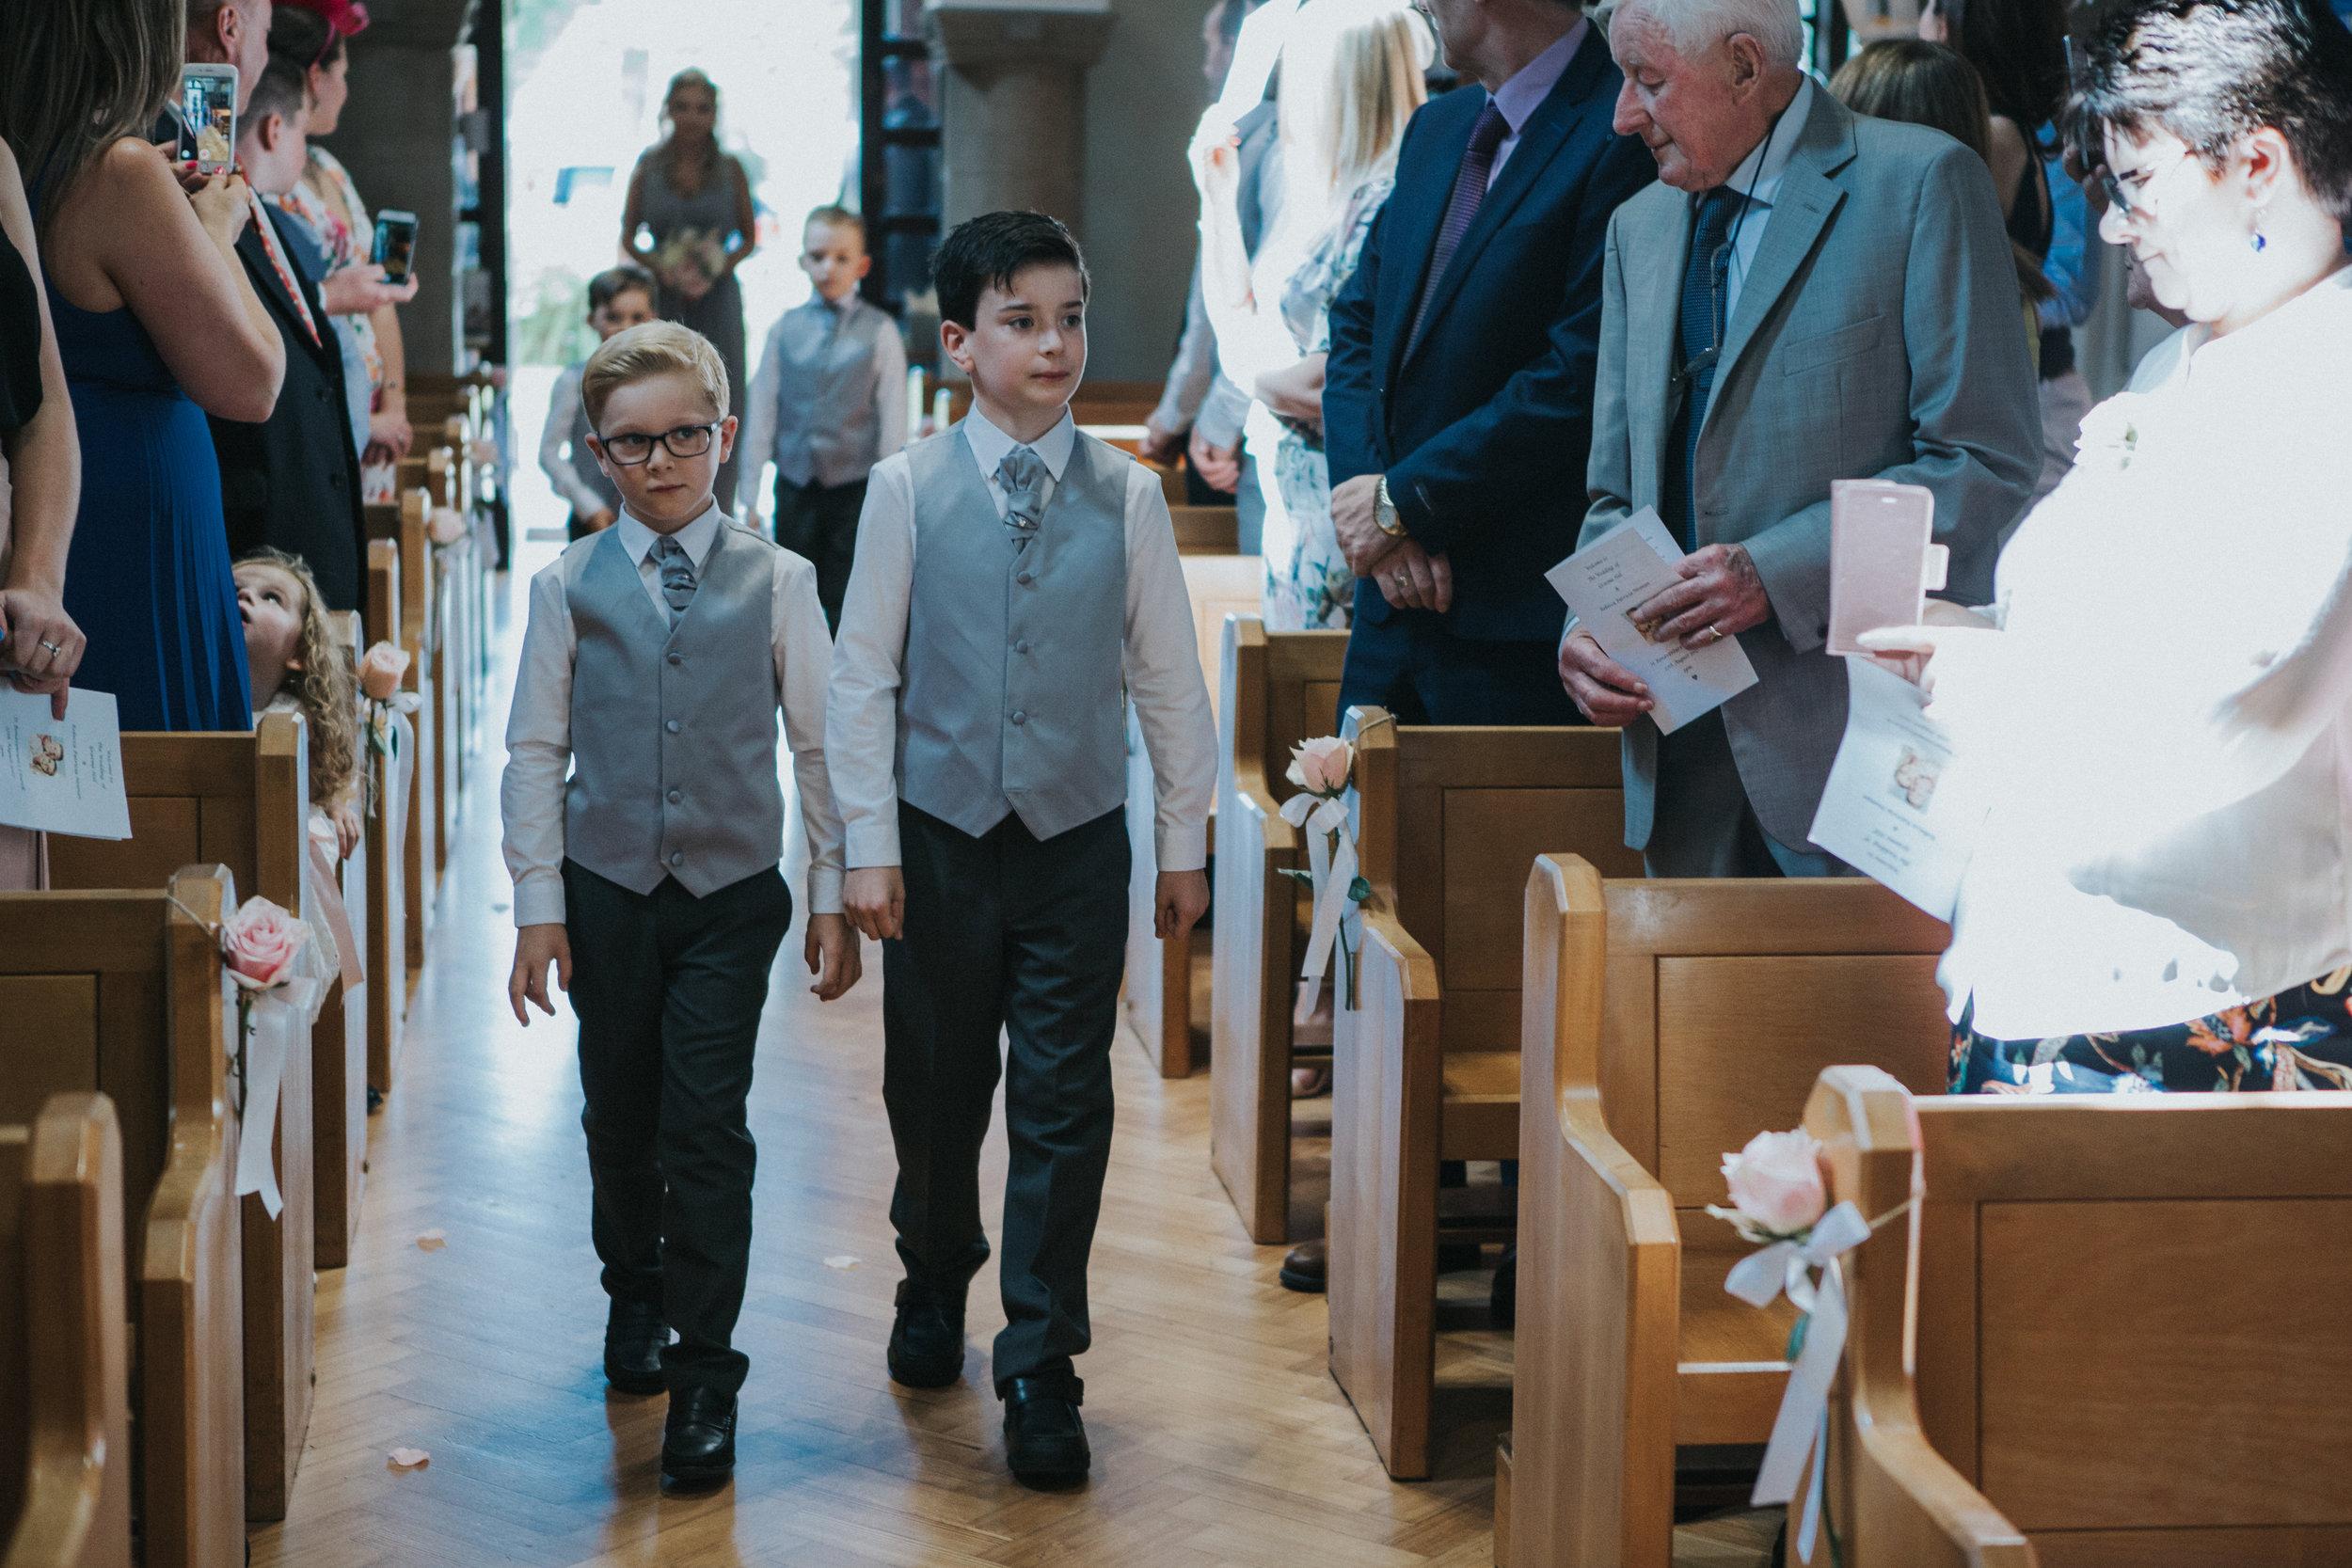 hitchin-hertfordshire-london-wedding-photography-catholic-ceremony-19